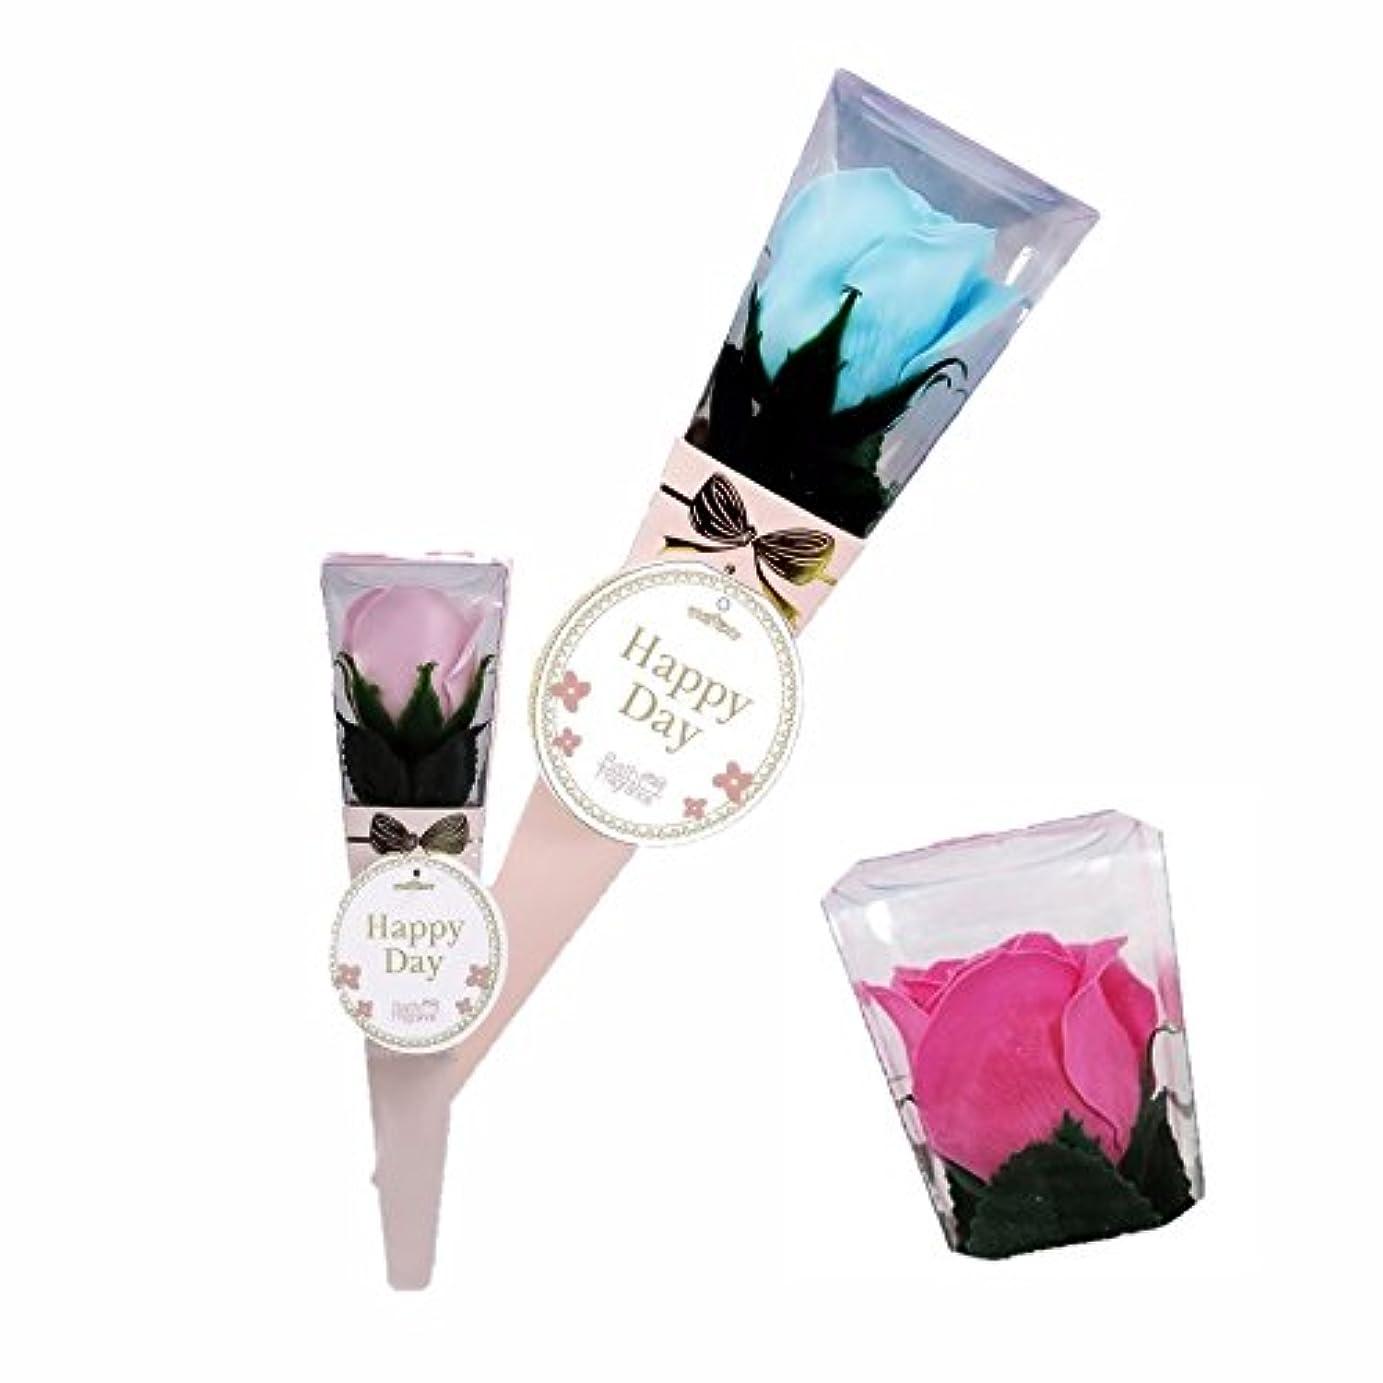 より良いジャンプ才能のあるバスフレグランス ミニローズブーケ ローズピンク バスフラワー ギフト お花の形の入浴剤